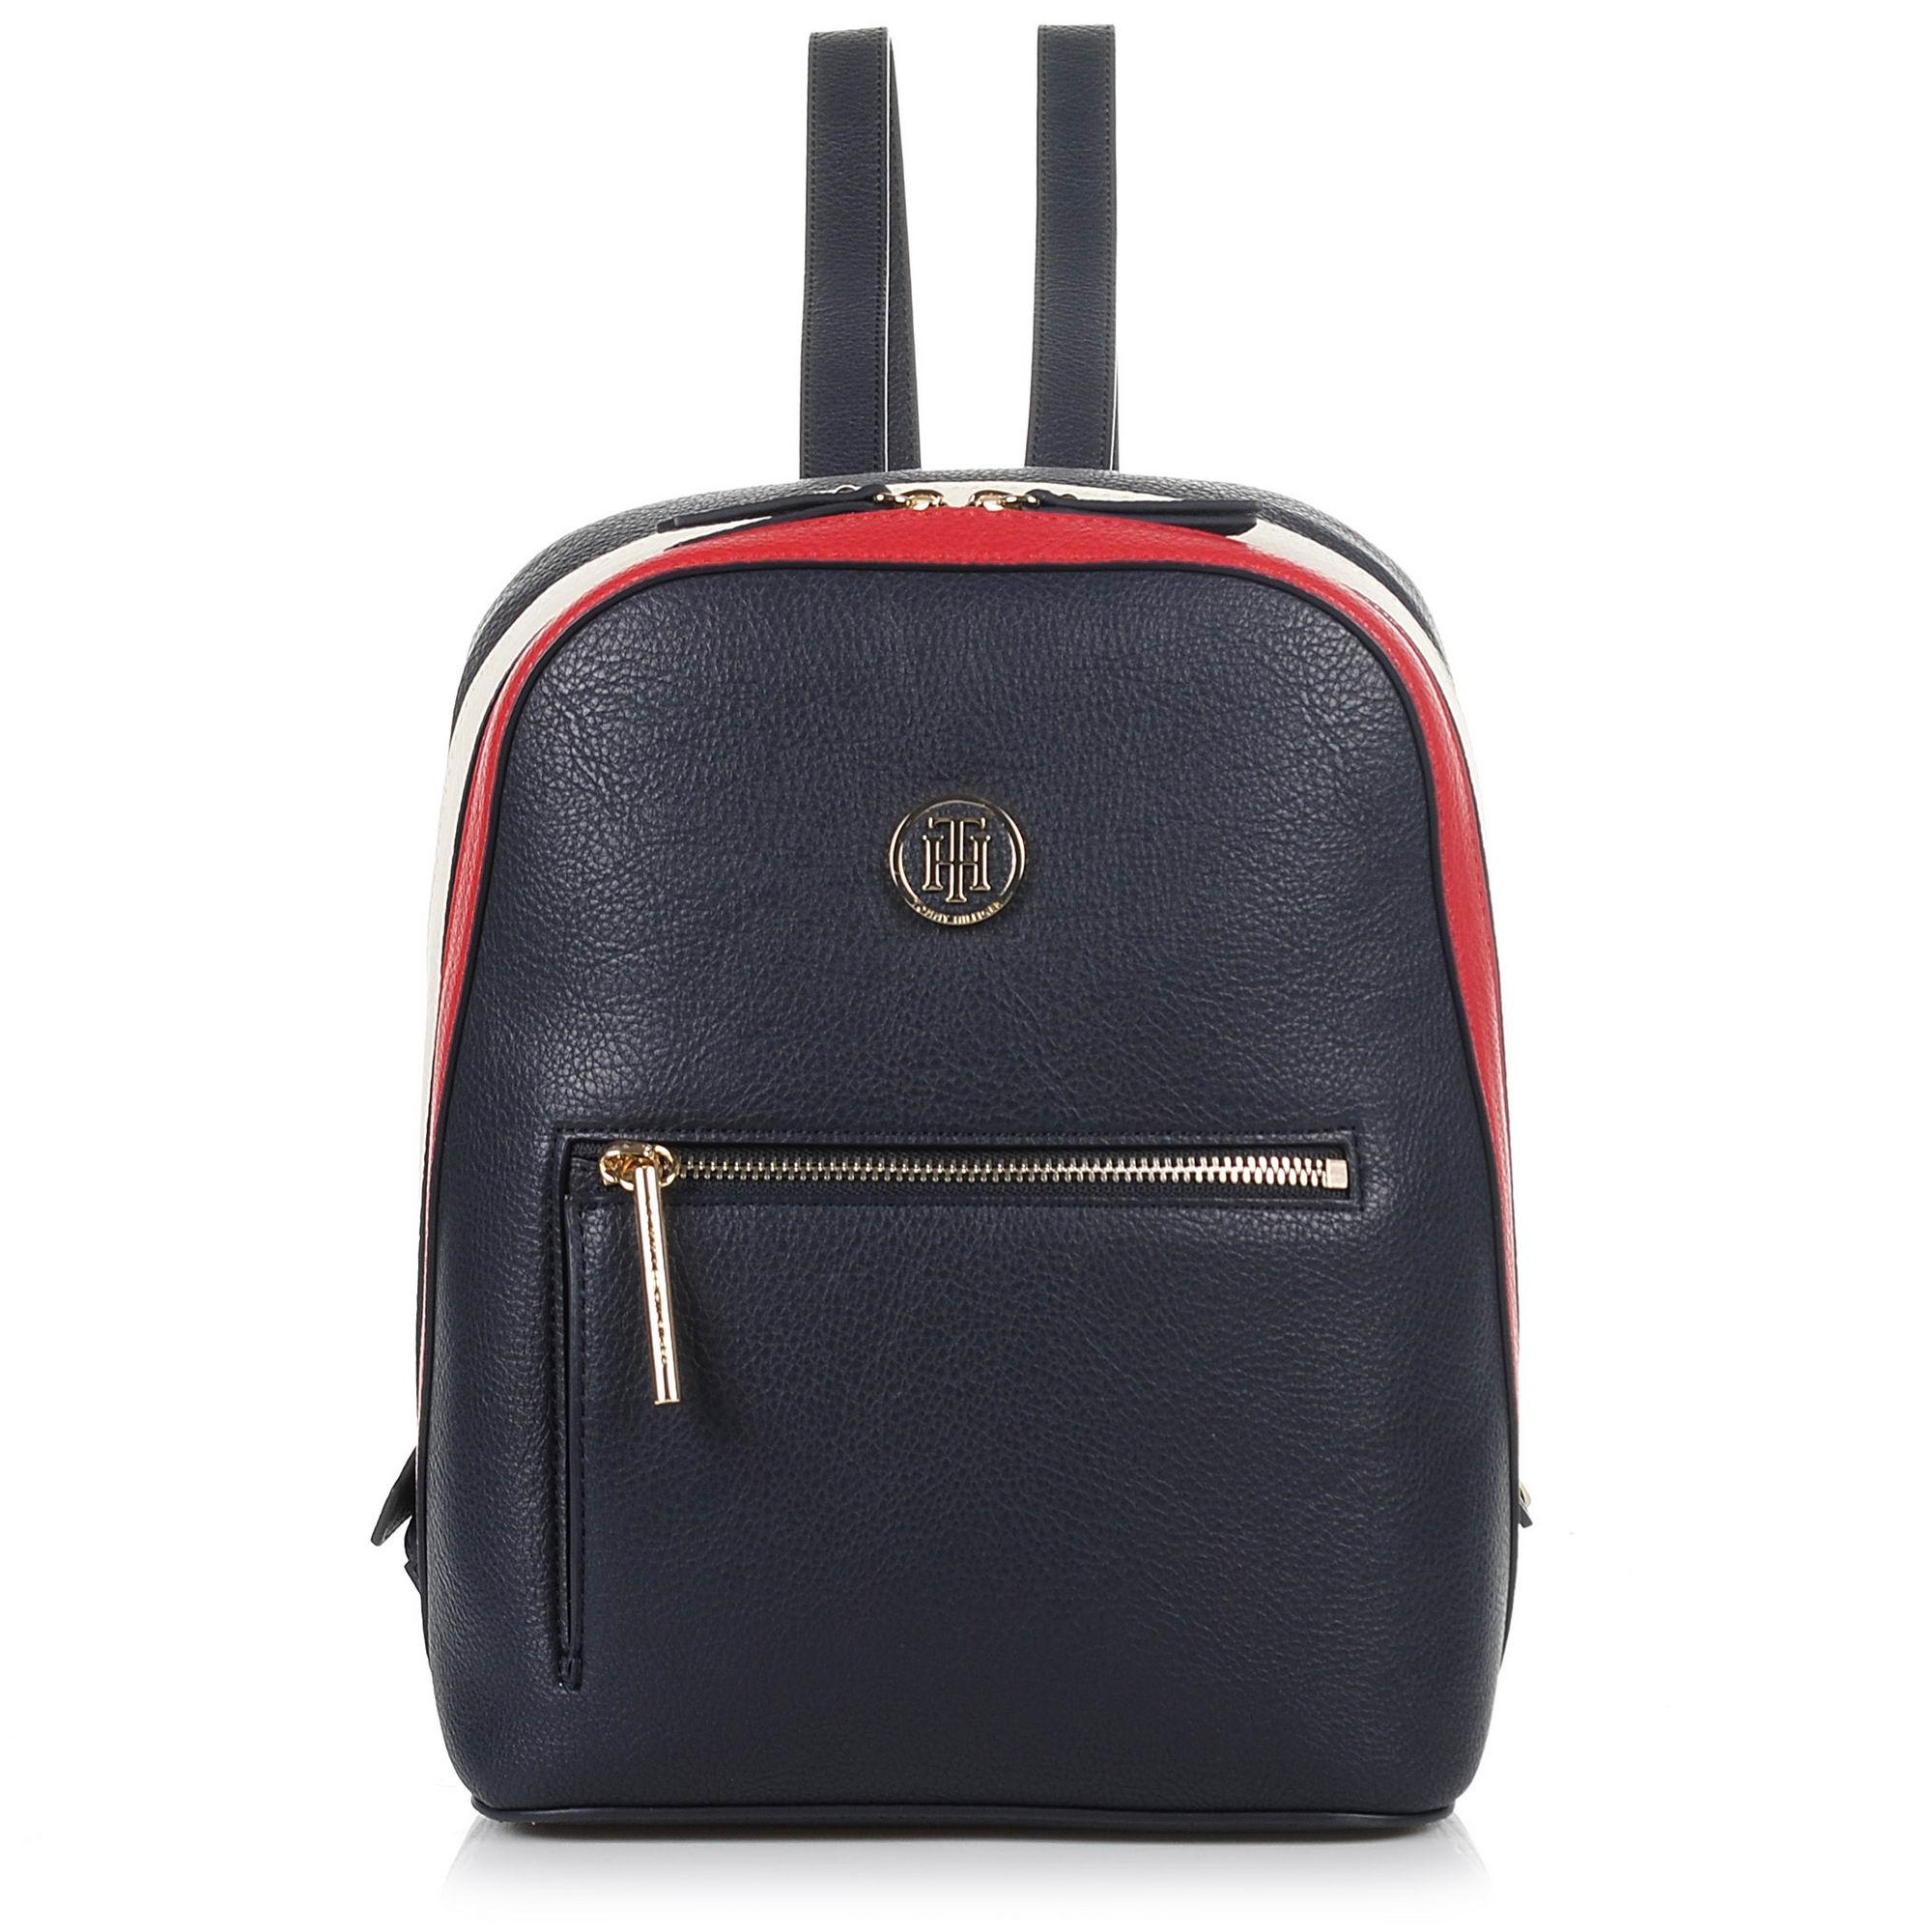 Σακίδιο Πλάτης Tommy Hilfiger Core Mini Backpack AW0AW04856 γυναικα   γυναικεία τσάντα